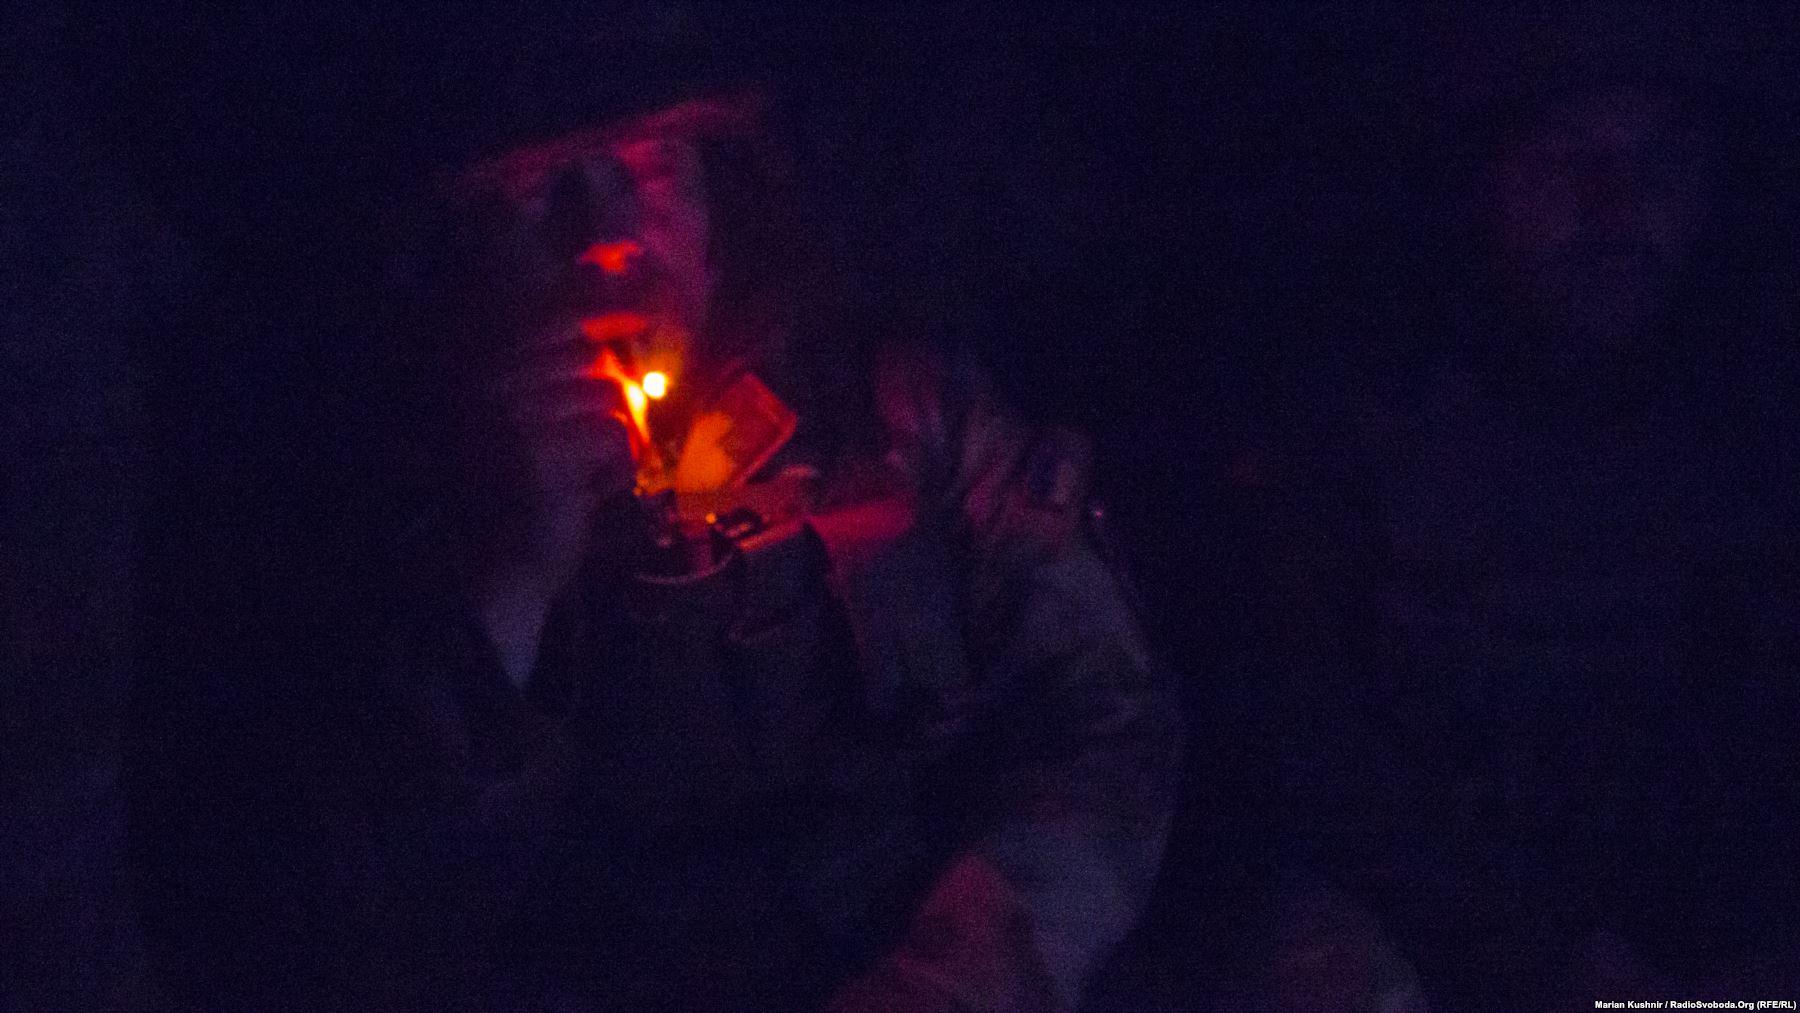 Михайло курить у суцільній темряві бліндажа під час спостереження на передових позиціях